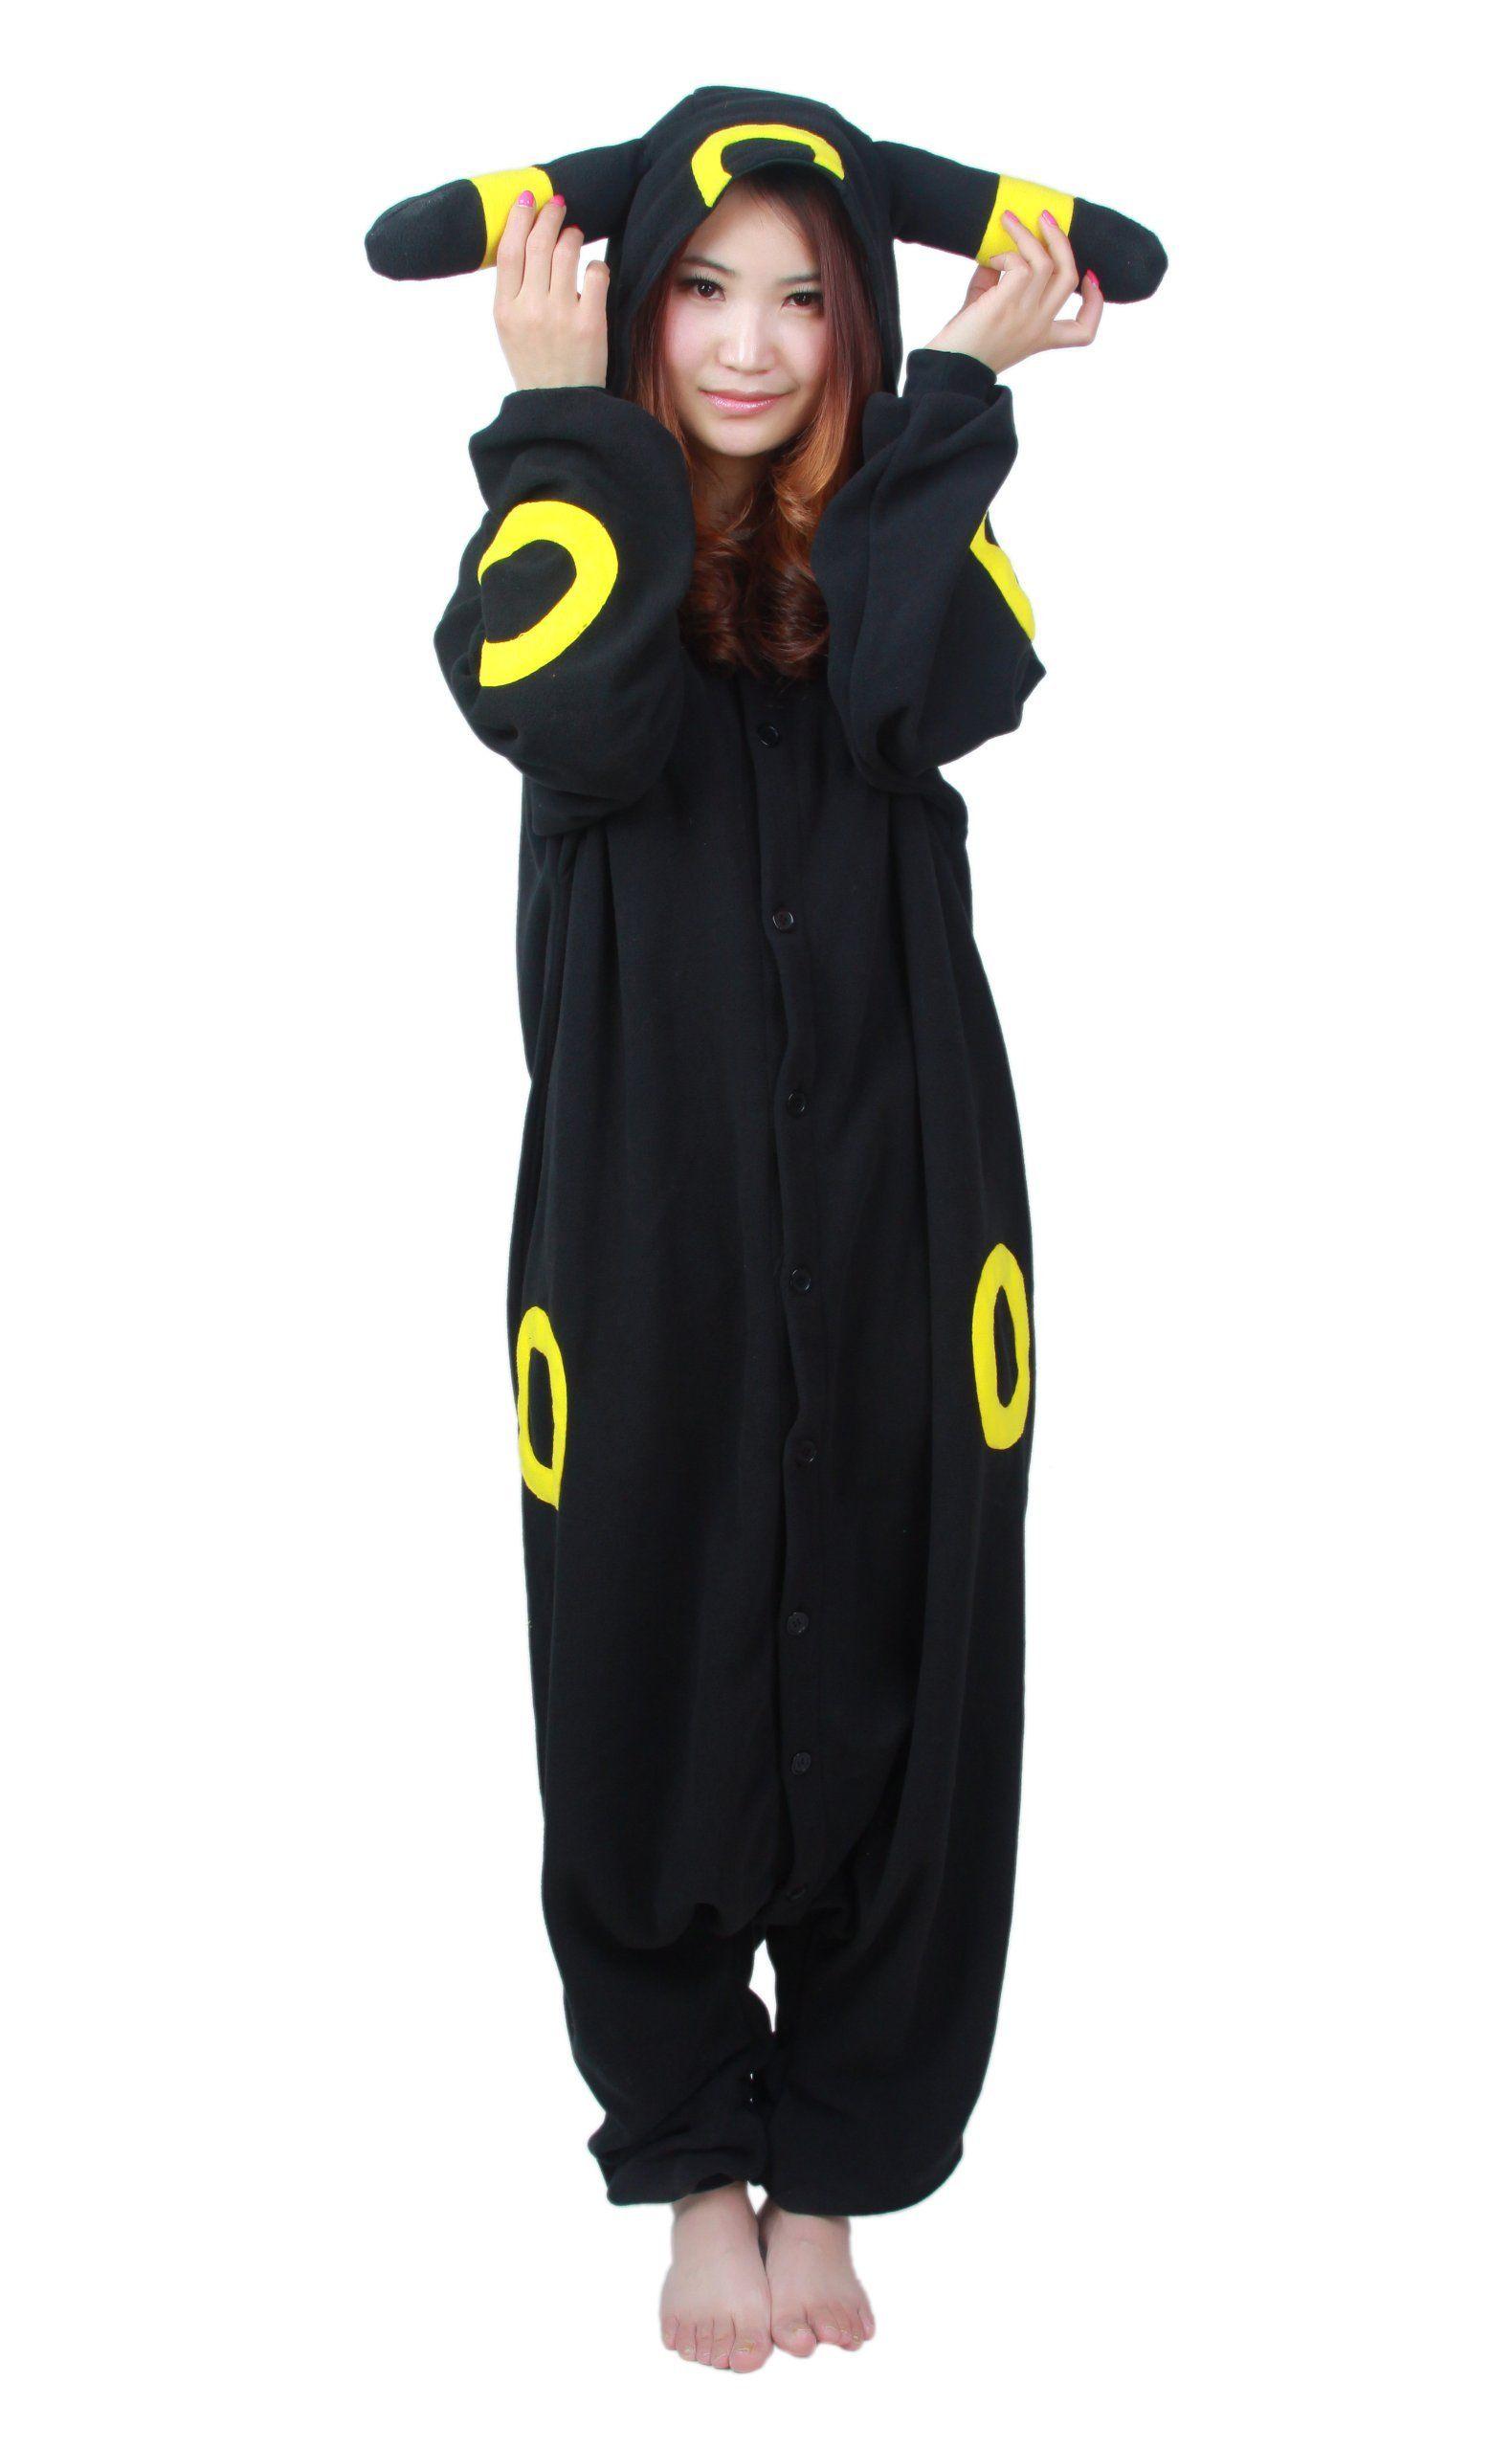 Amazon.com: SUYA Women's Pokemon Umbreon Kigurumi Halloween ...